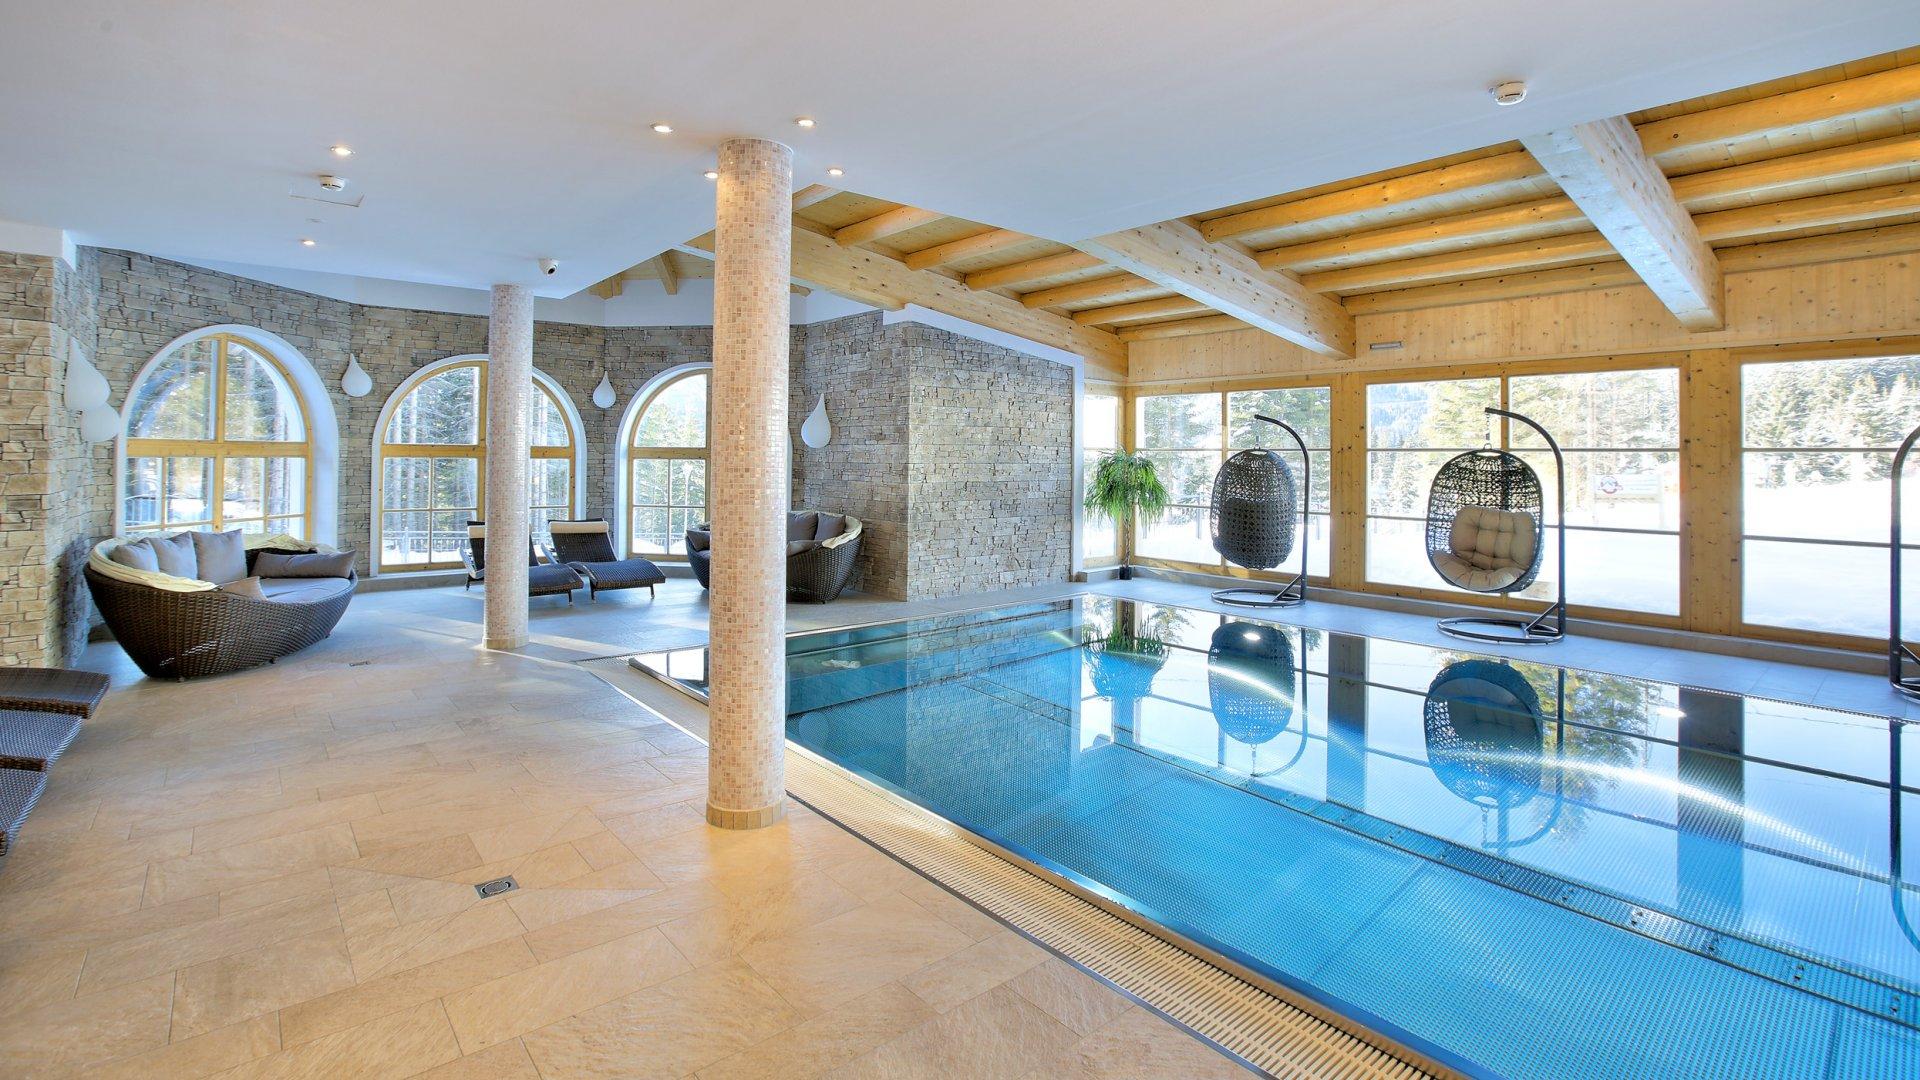 Kinderfreies wellness hotel indoor pool hallenbad - Innenpool bauen ...